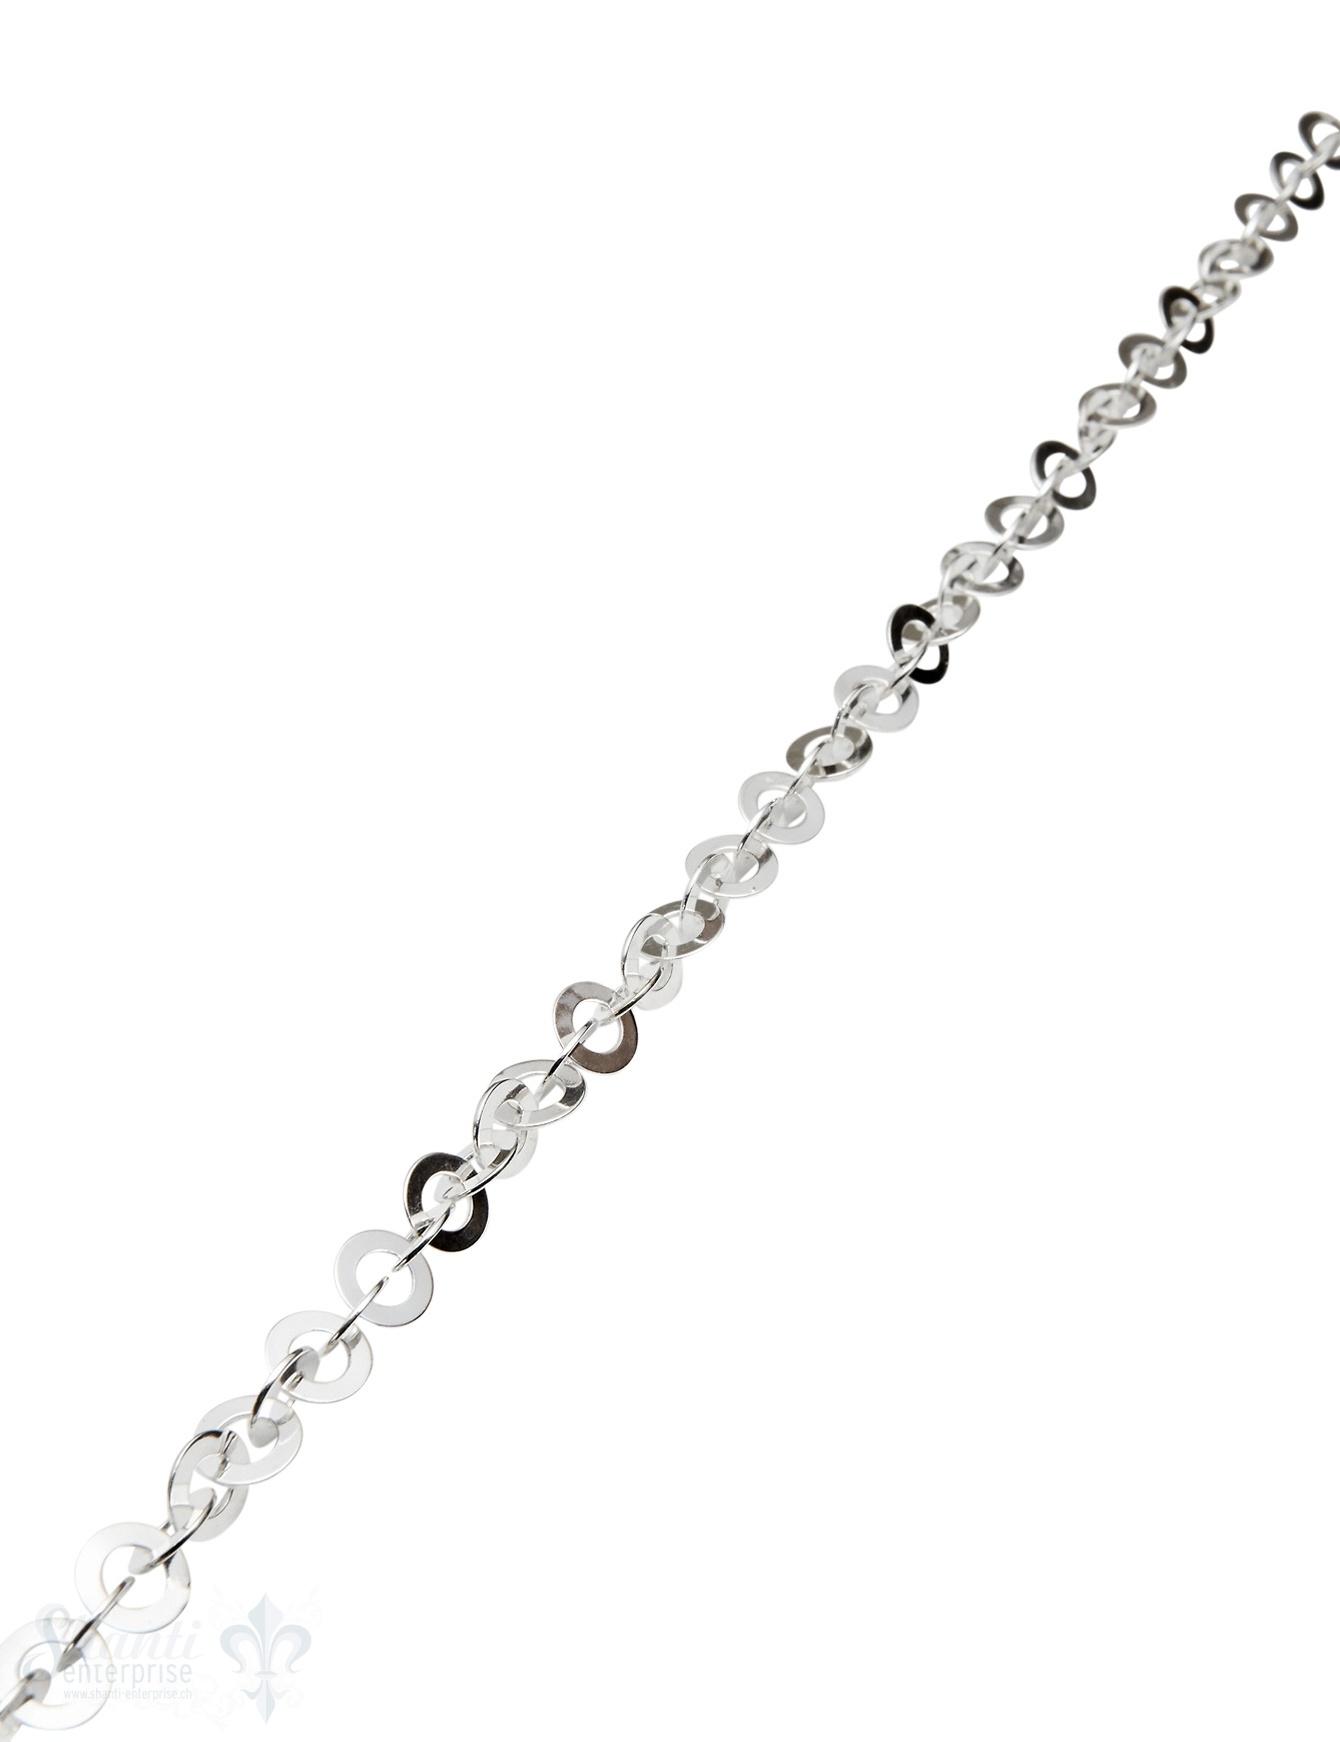 Silberkette hell Scheiben 7.3 mm Dicke 0.5 mm Loch